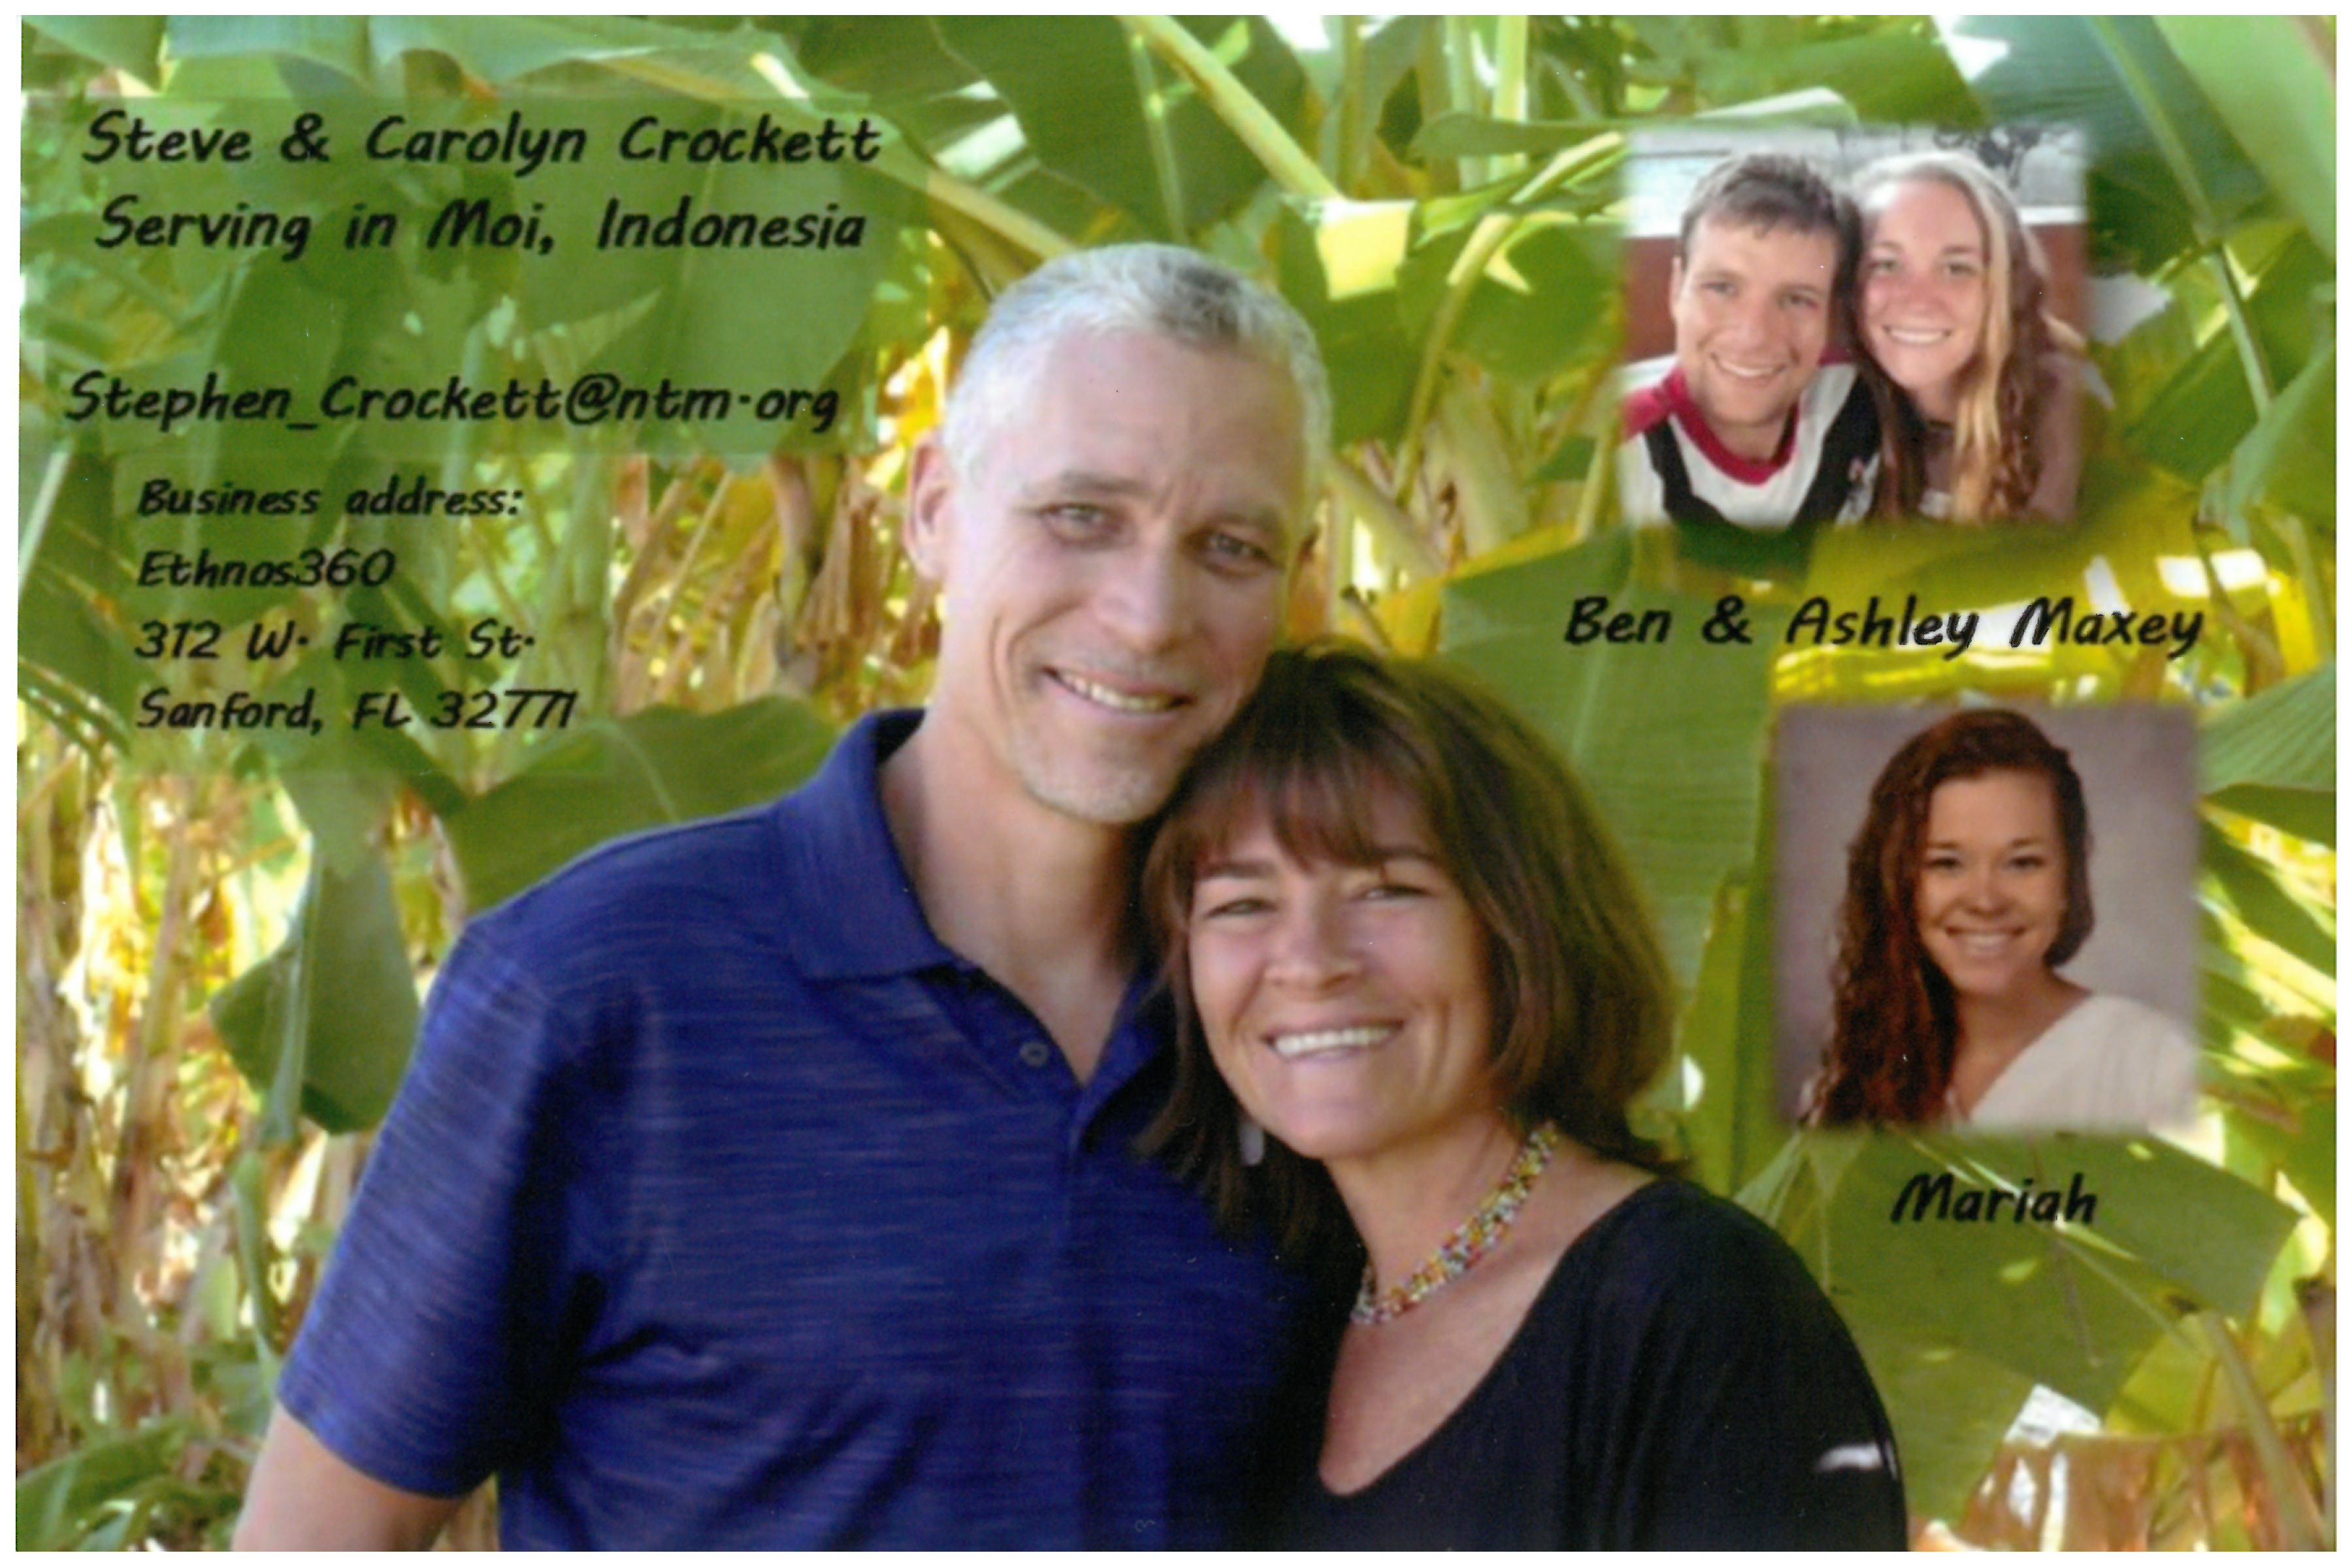 Stephen & Carolyn Crockett